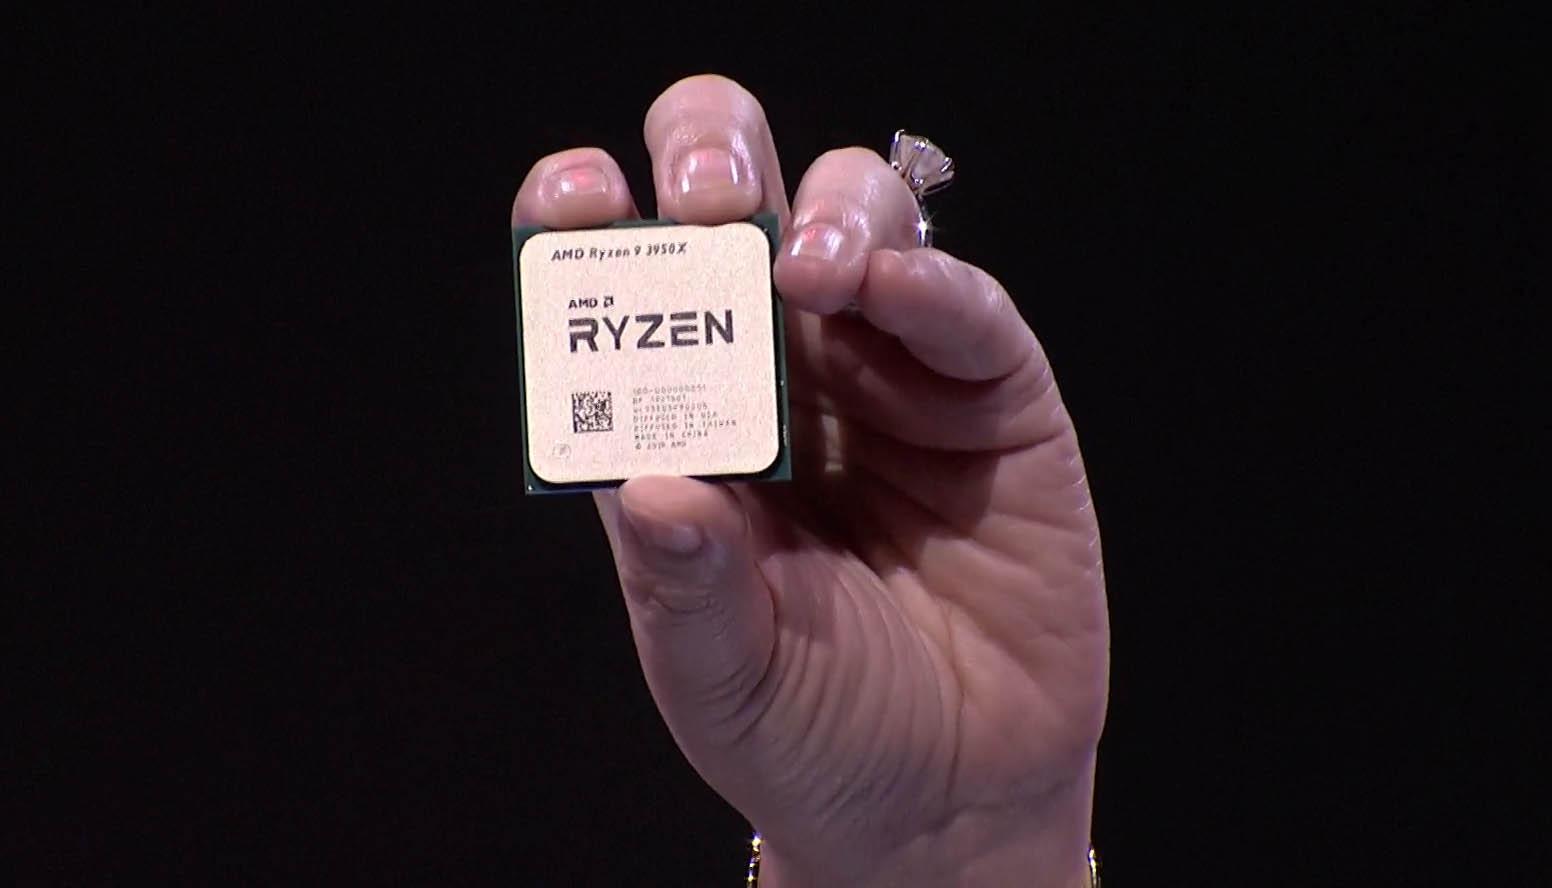 El AMD Ryzen 9 3950X superaría al Intel Core i9-9980XE